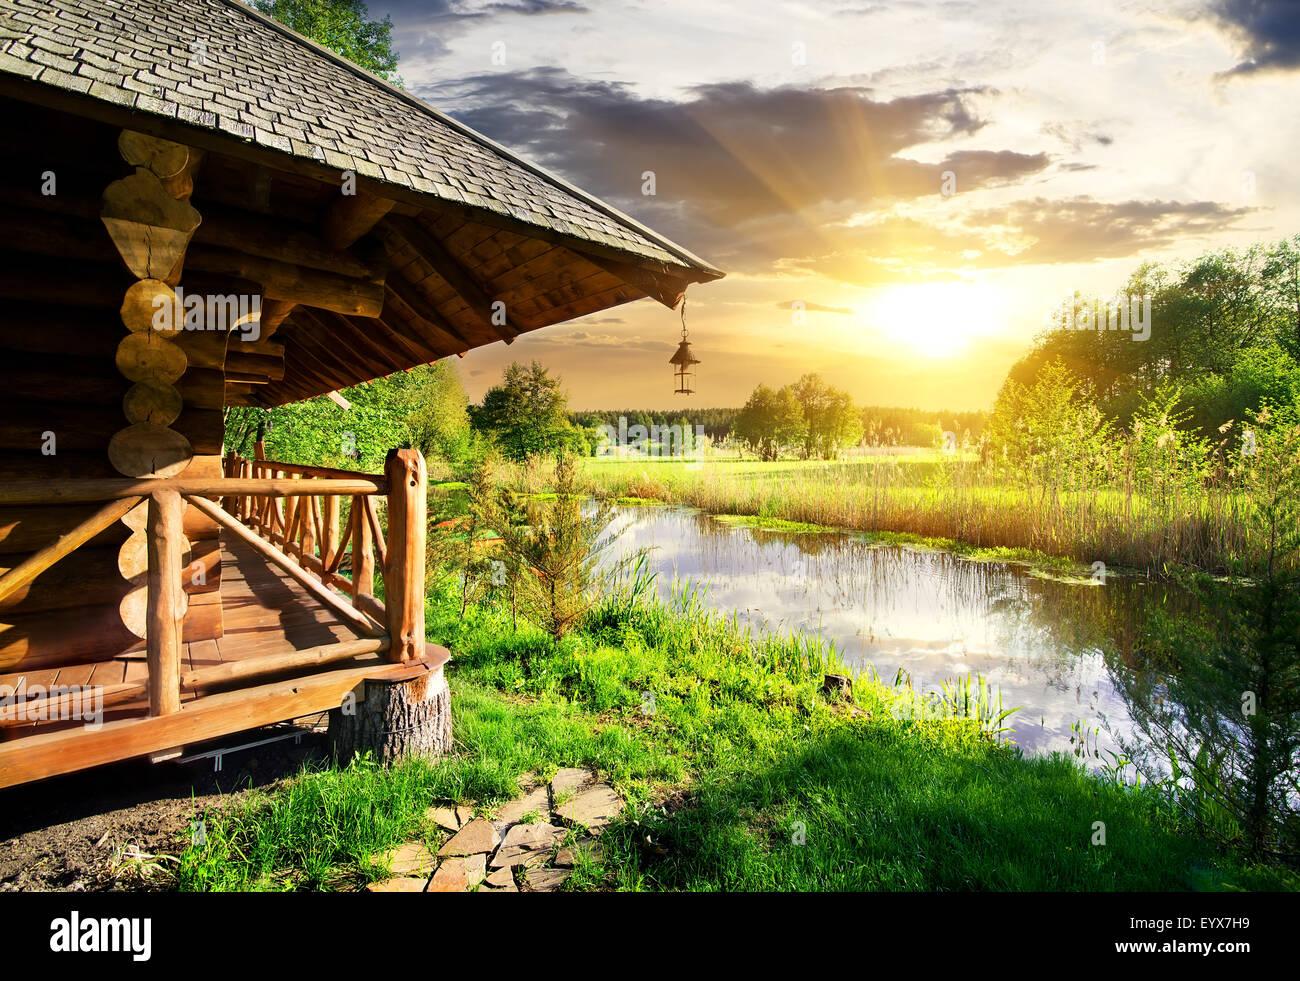 Capanno di legno vicino al lago al tramonto Immagini Stock